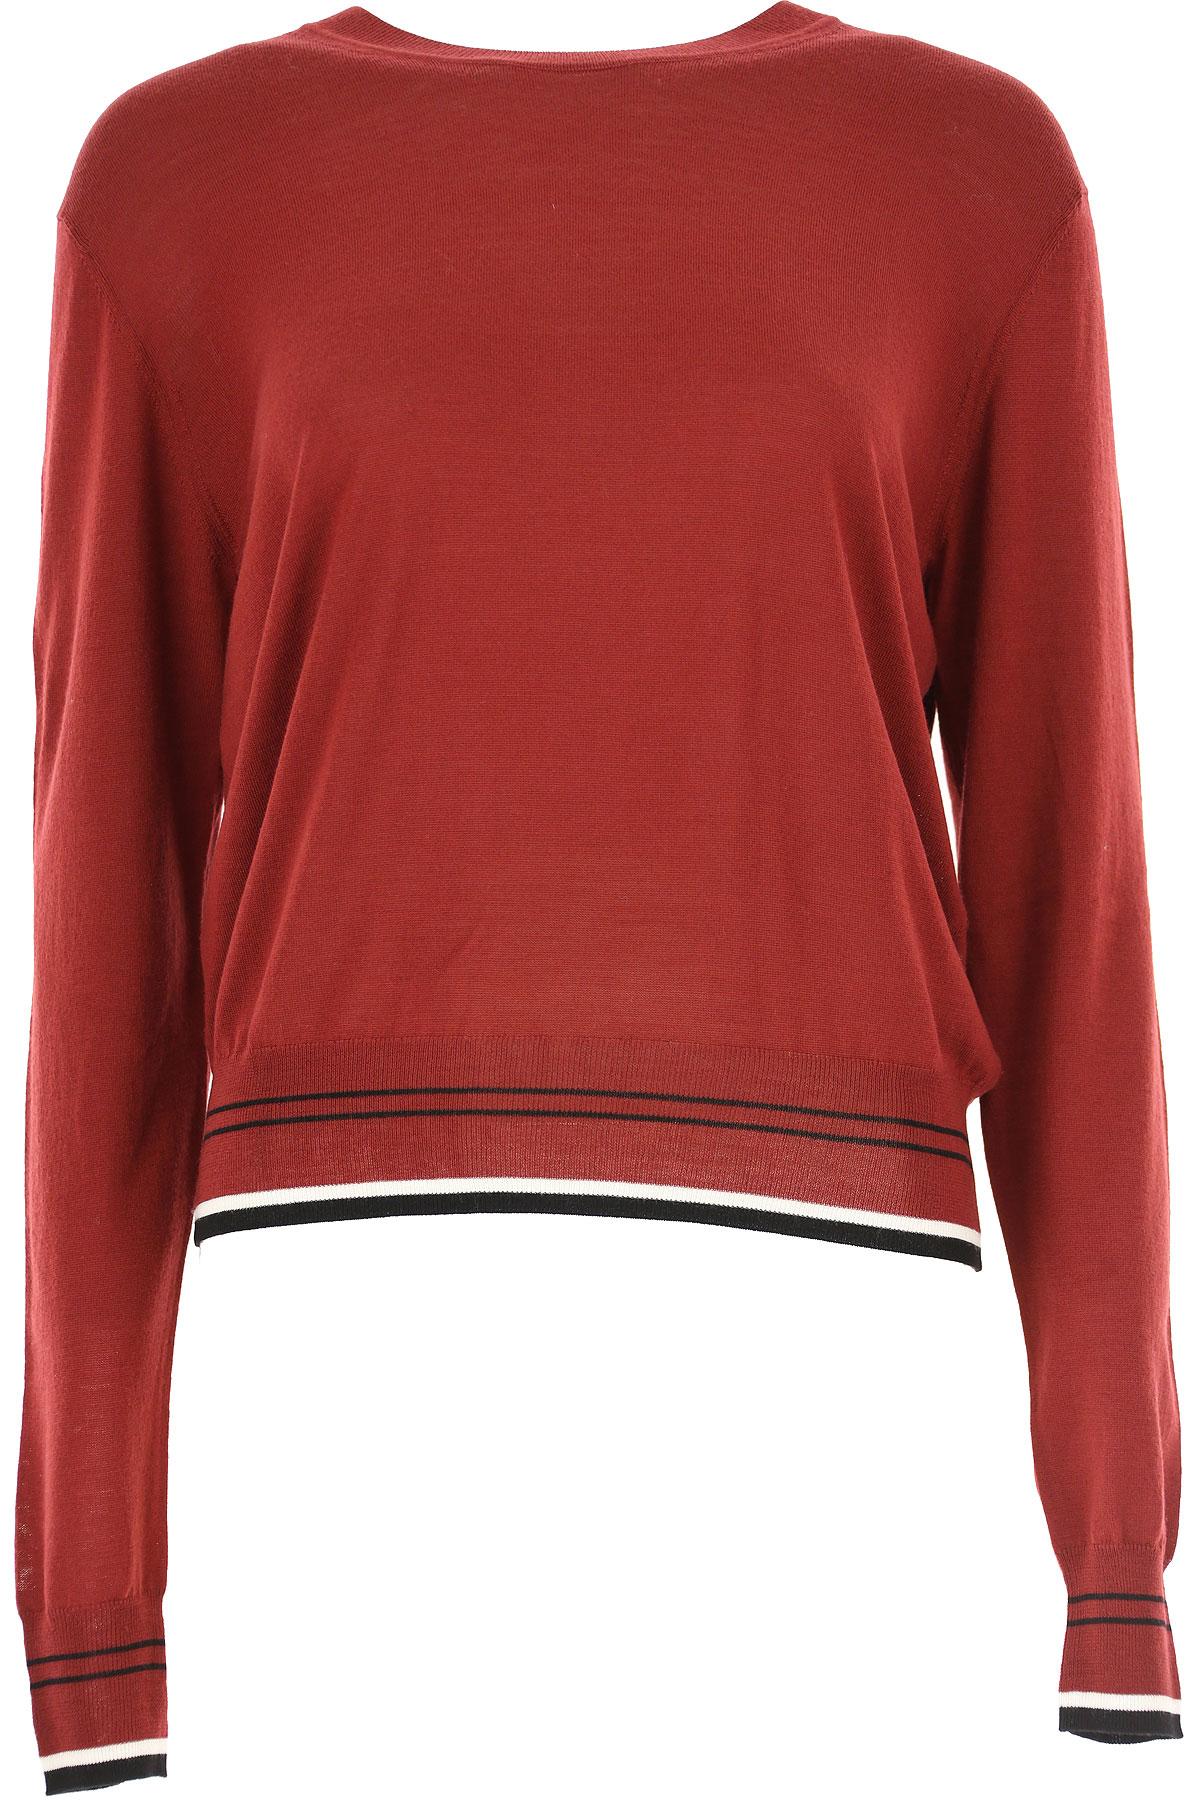 Image of Diane Von Furstenberg Sweater for Women Jumper, oxblood, merino wool, 2017, 4 8